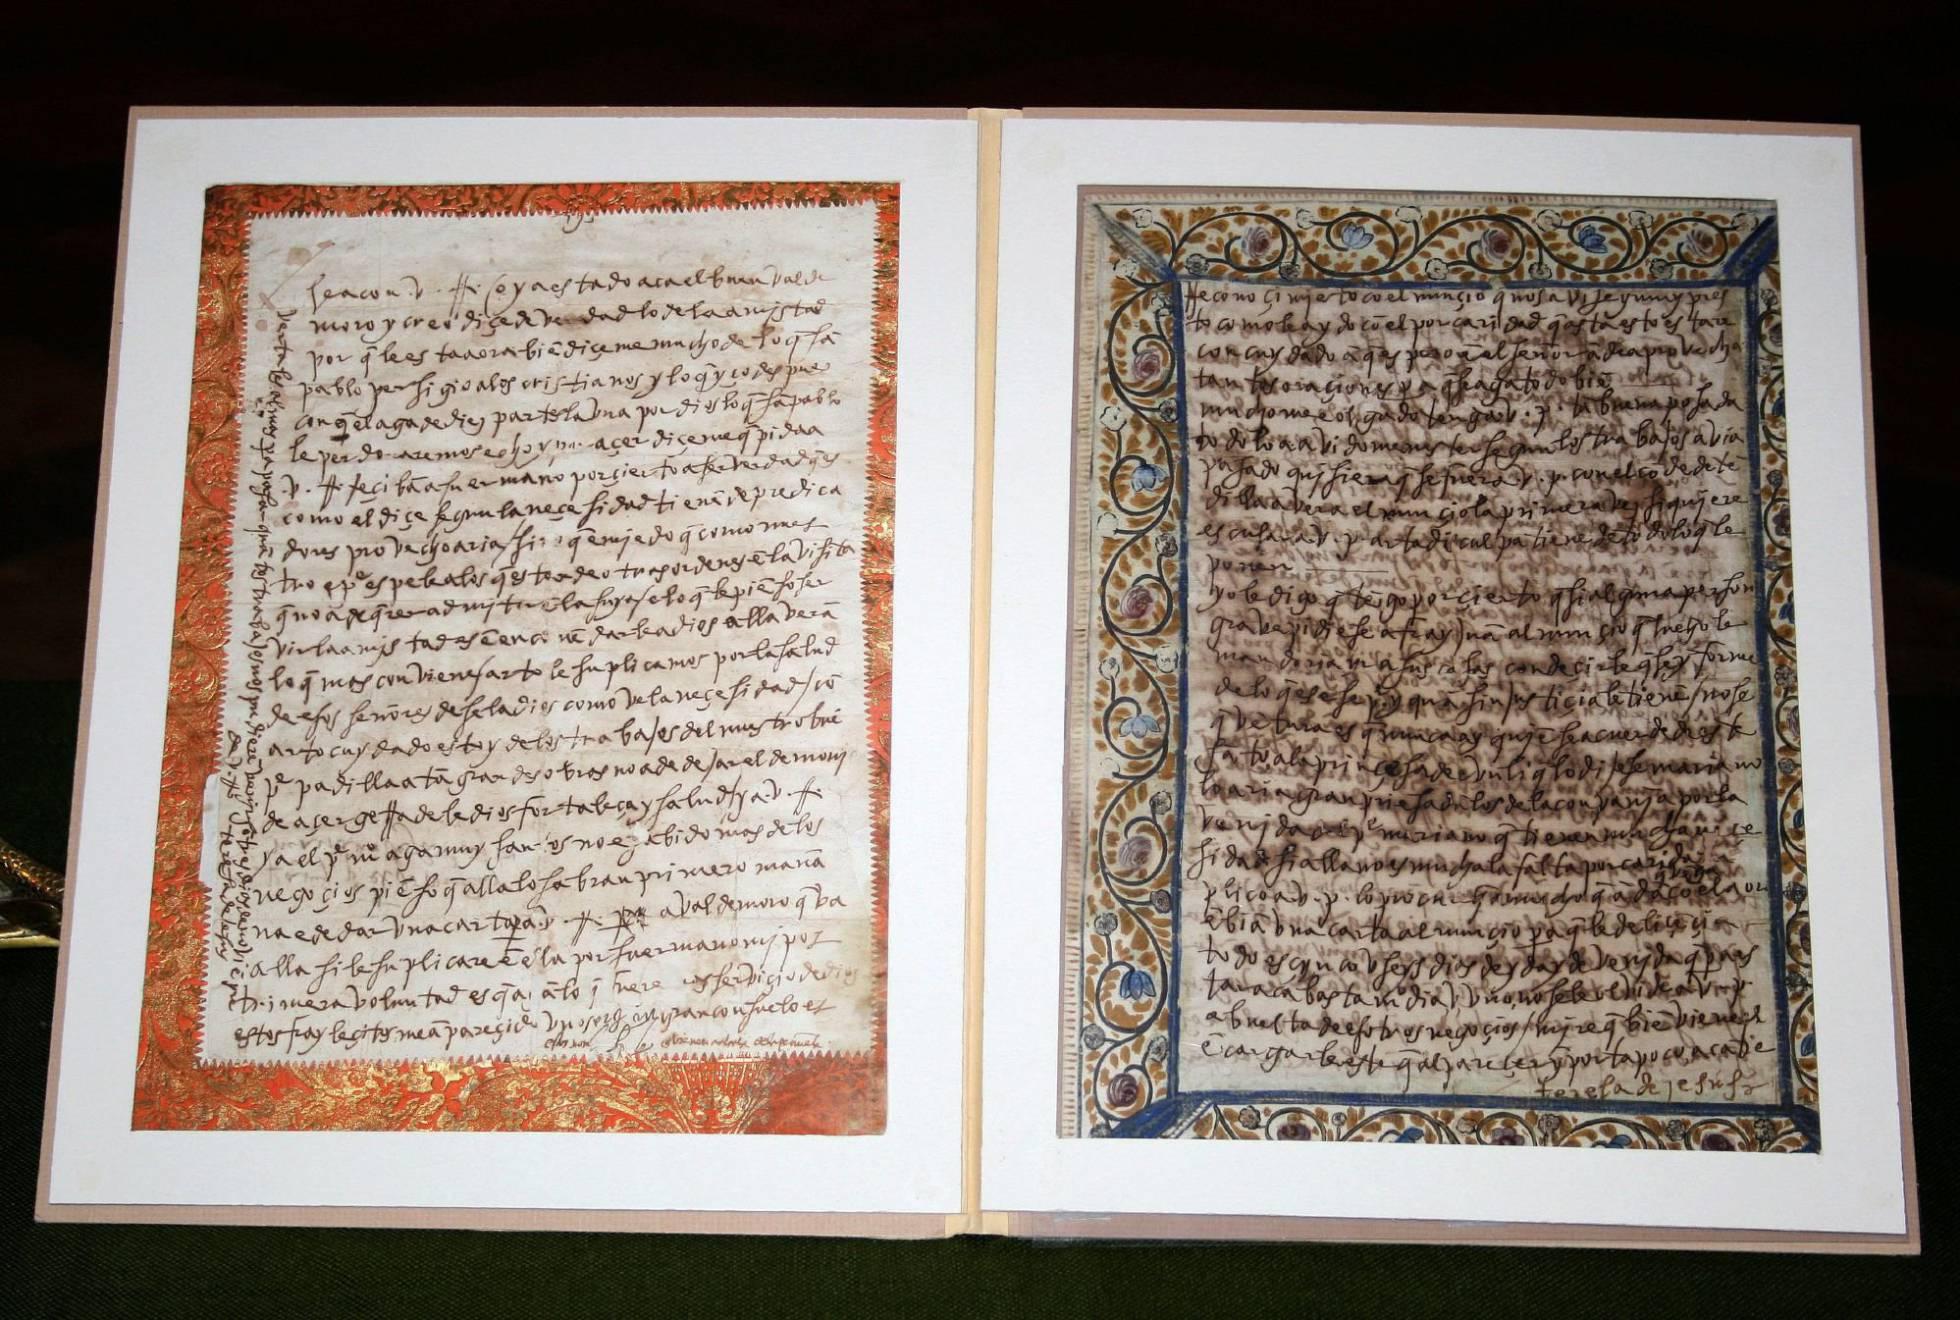 Halladas unas cartas manuscritas de Santa Teresa a su 'otro' amor (elpais.com)